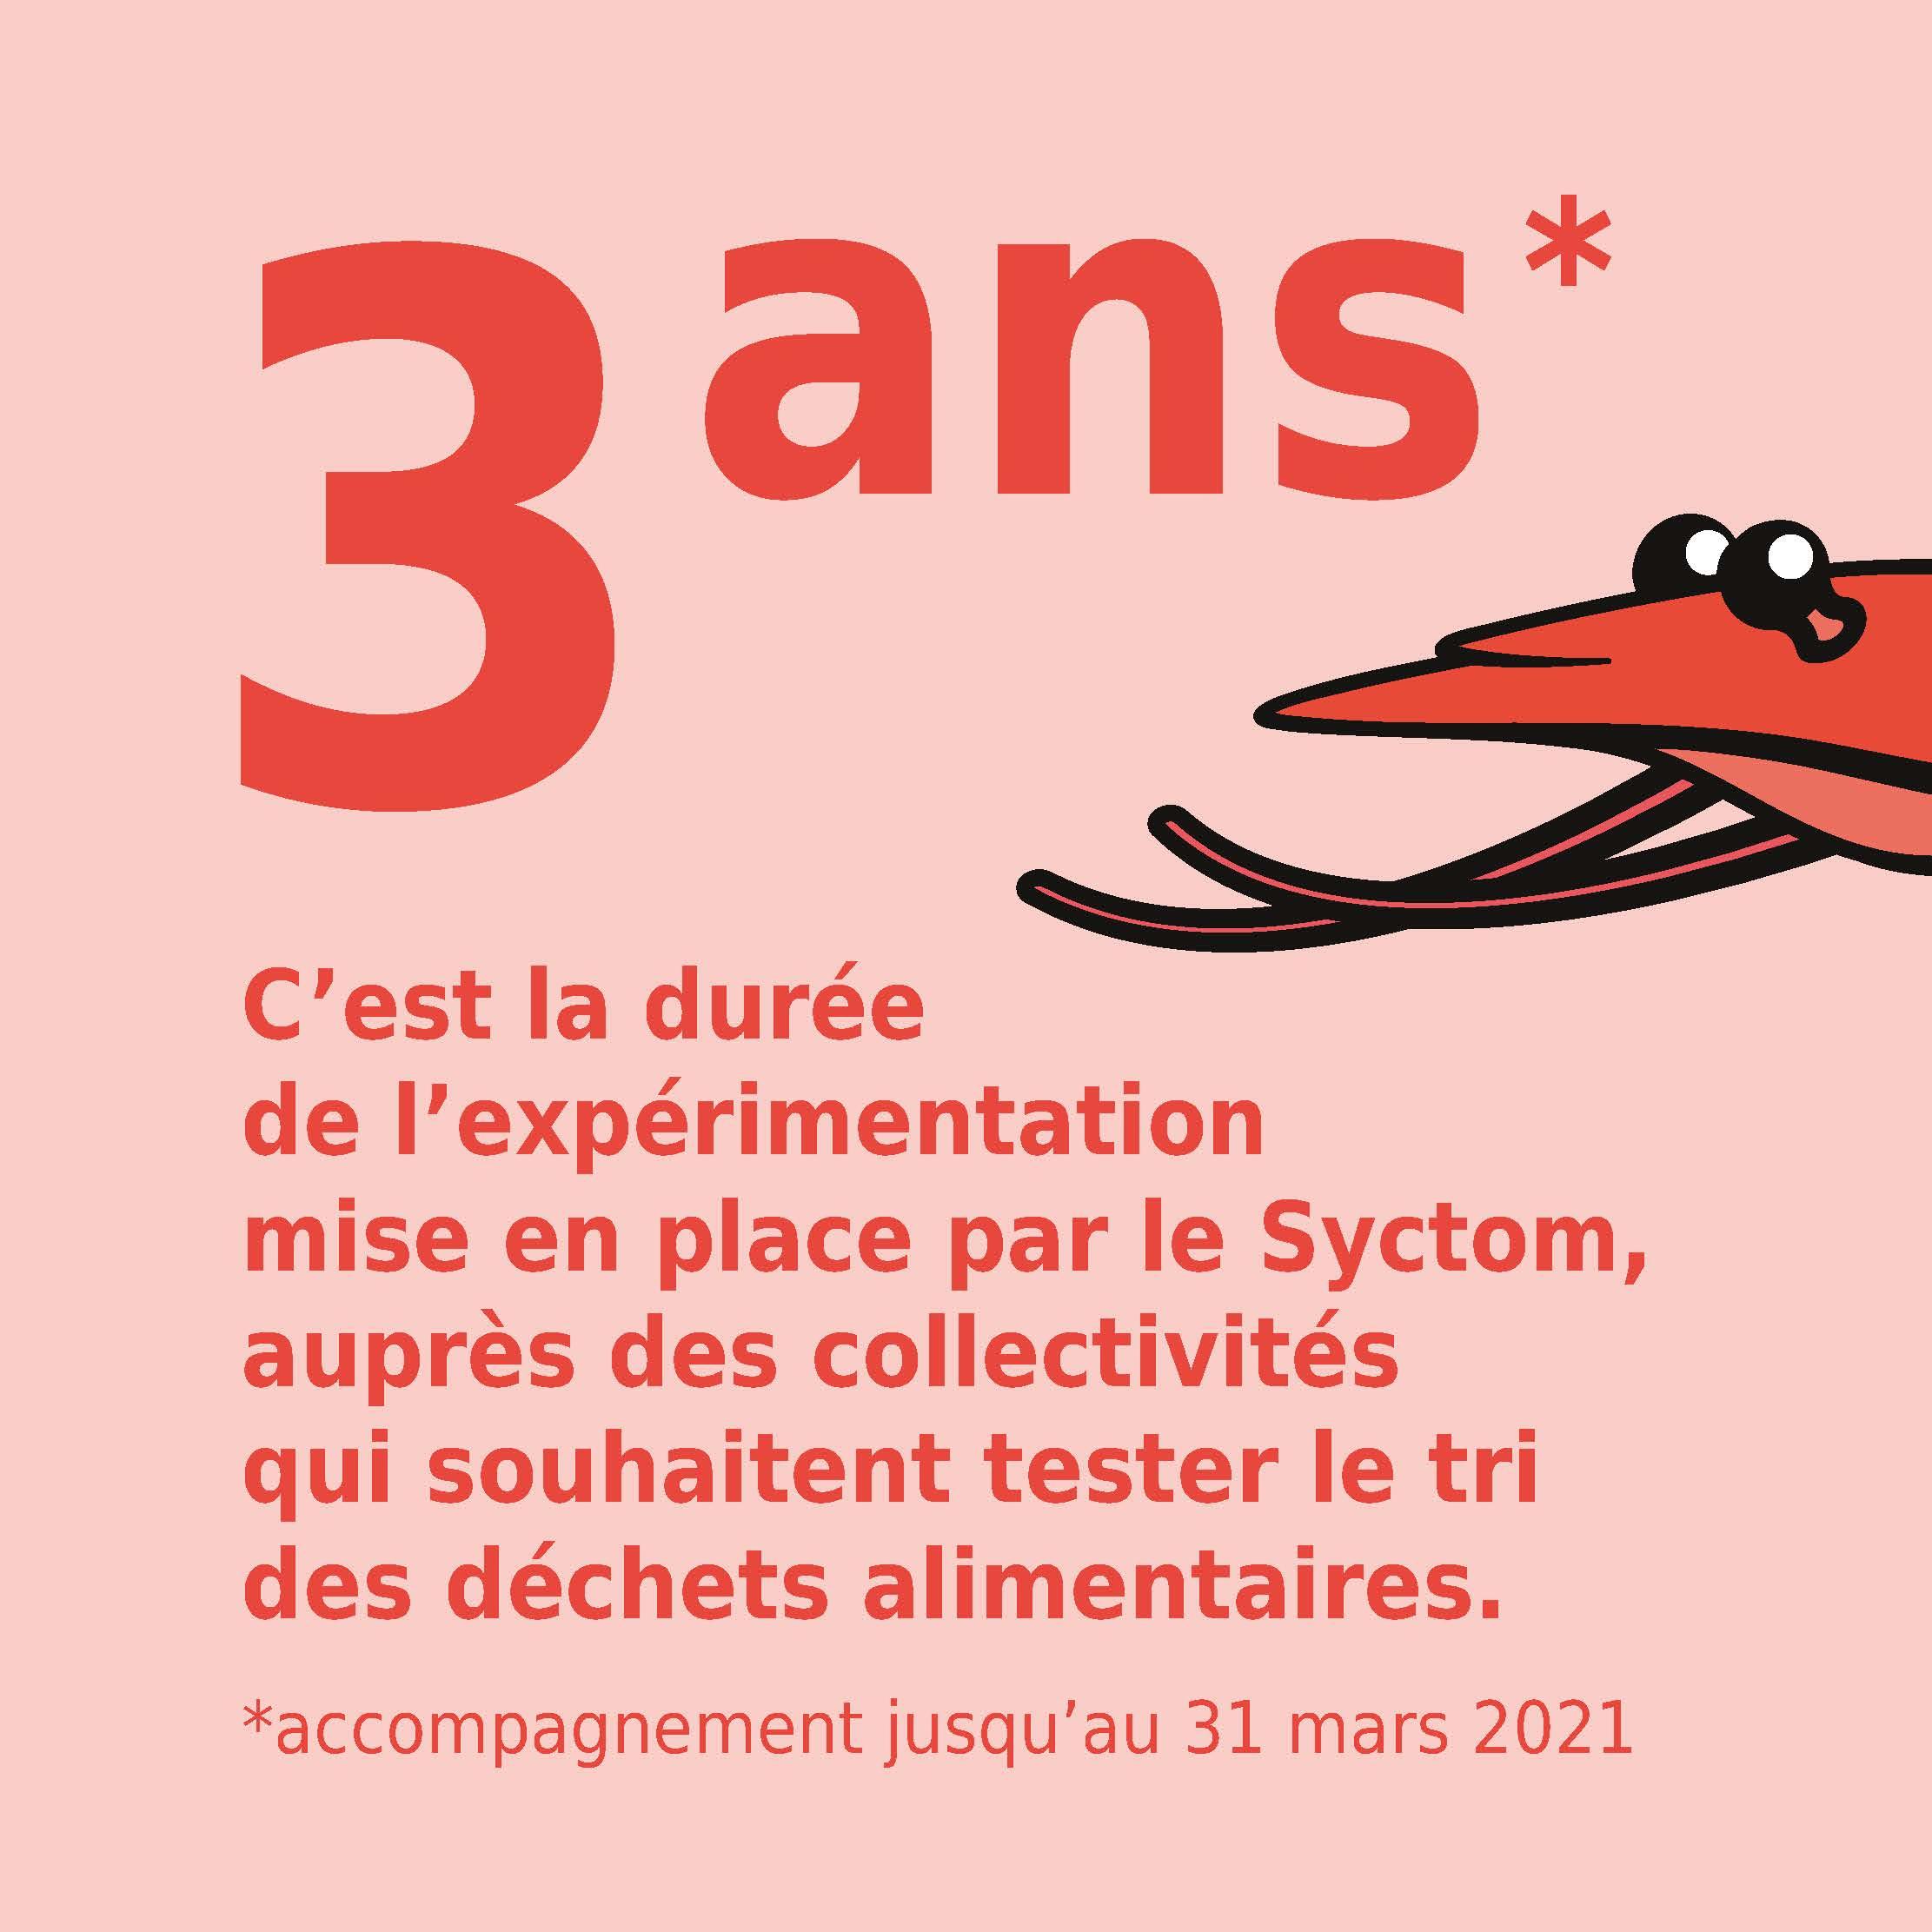 3 ans C'est la durée de l'expérimentation mise en place par le Syctom, auprès des collectivités qui souhaitent tester le tri des déchets alimentaires